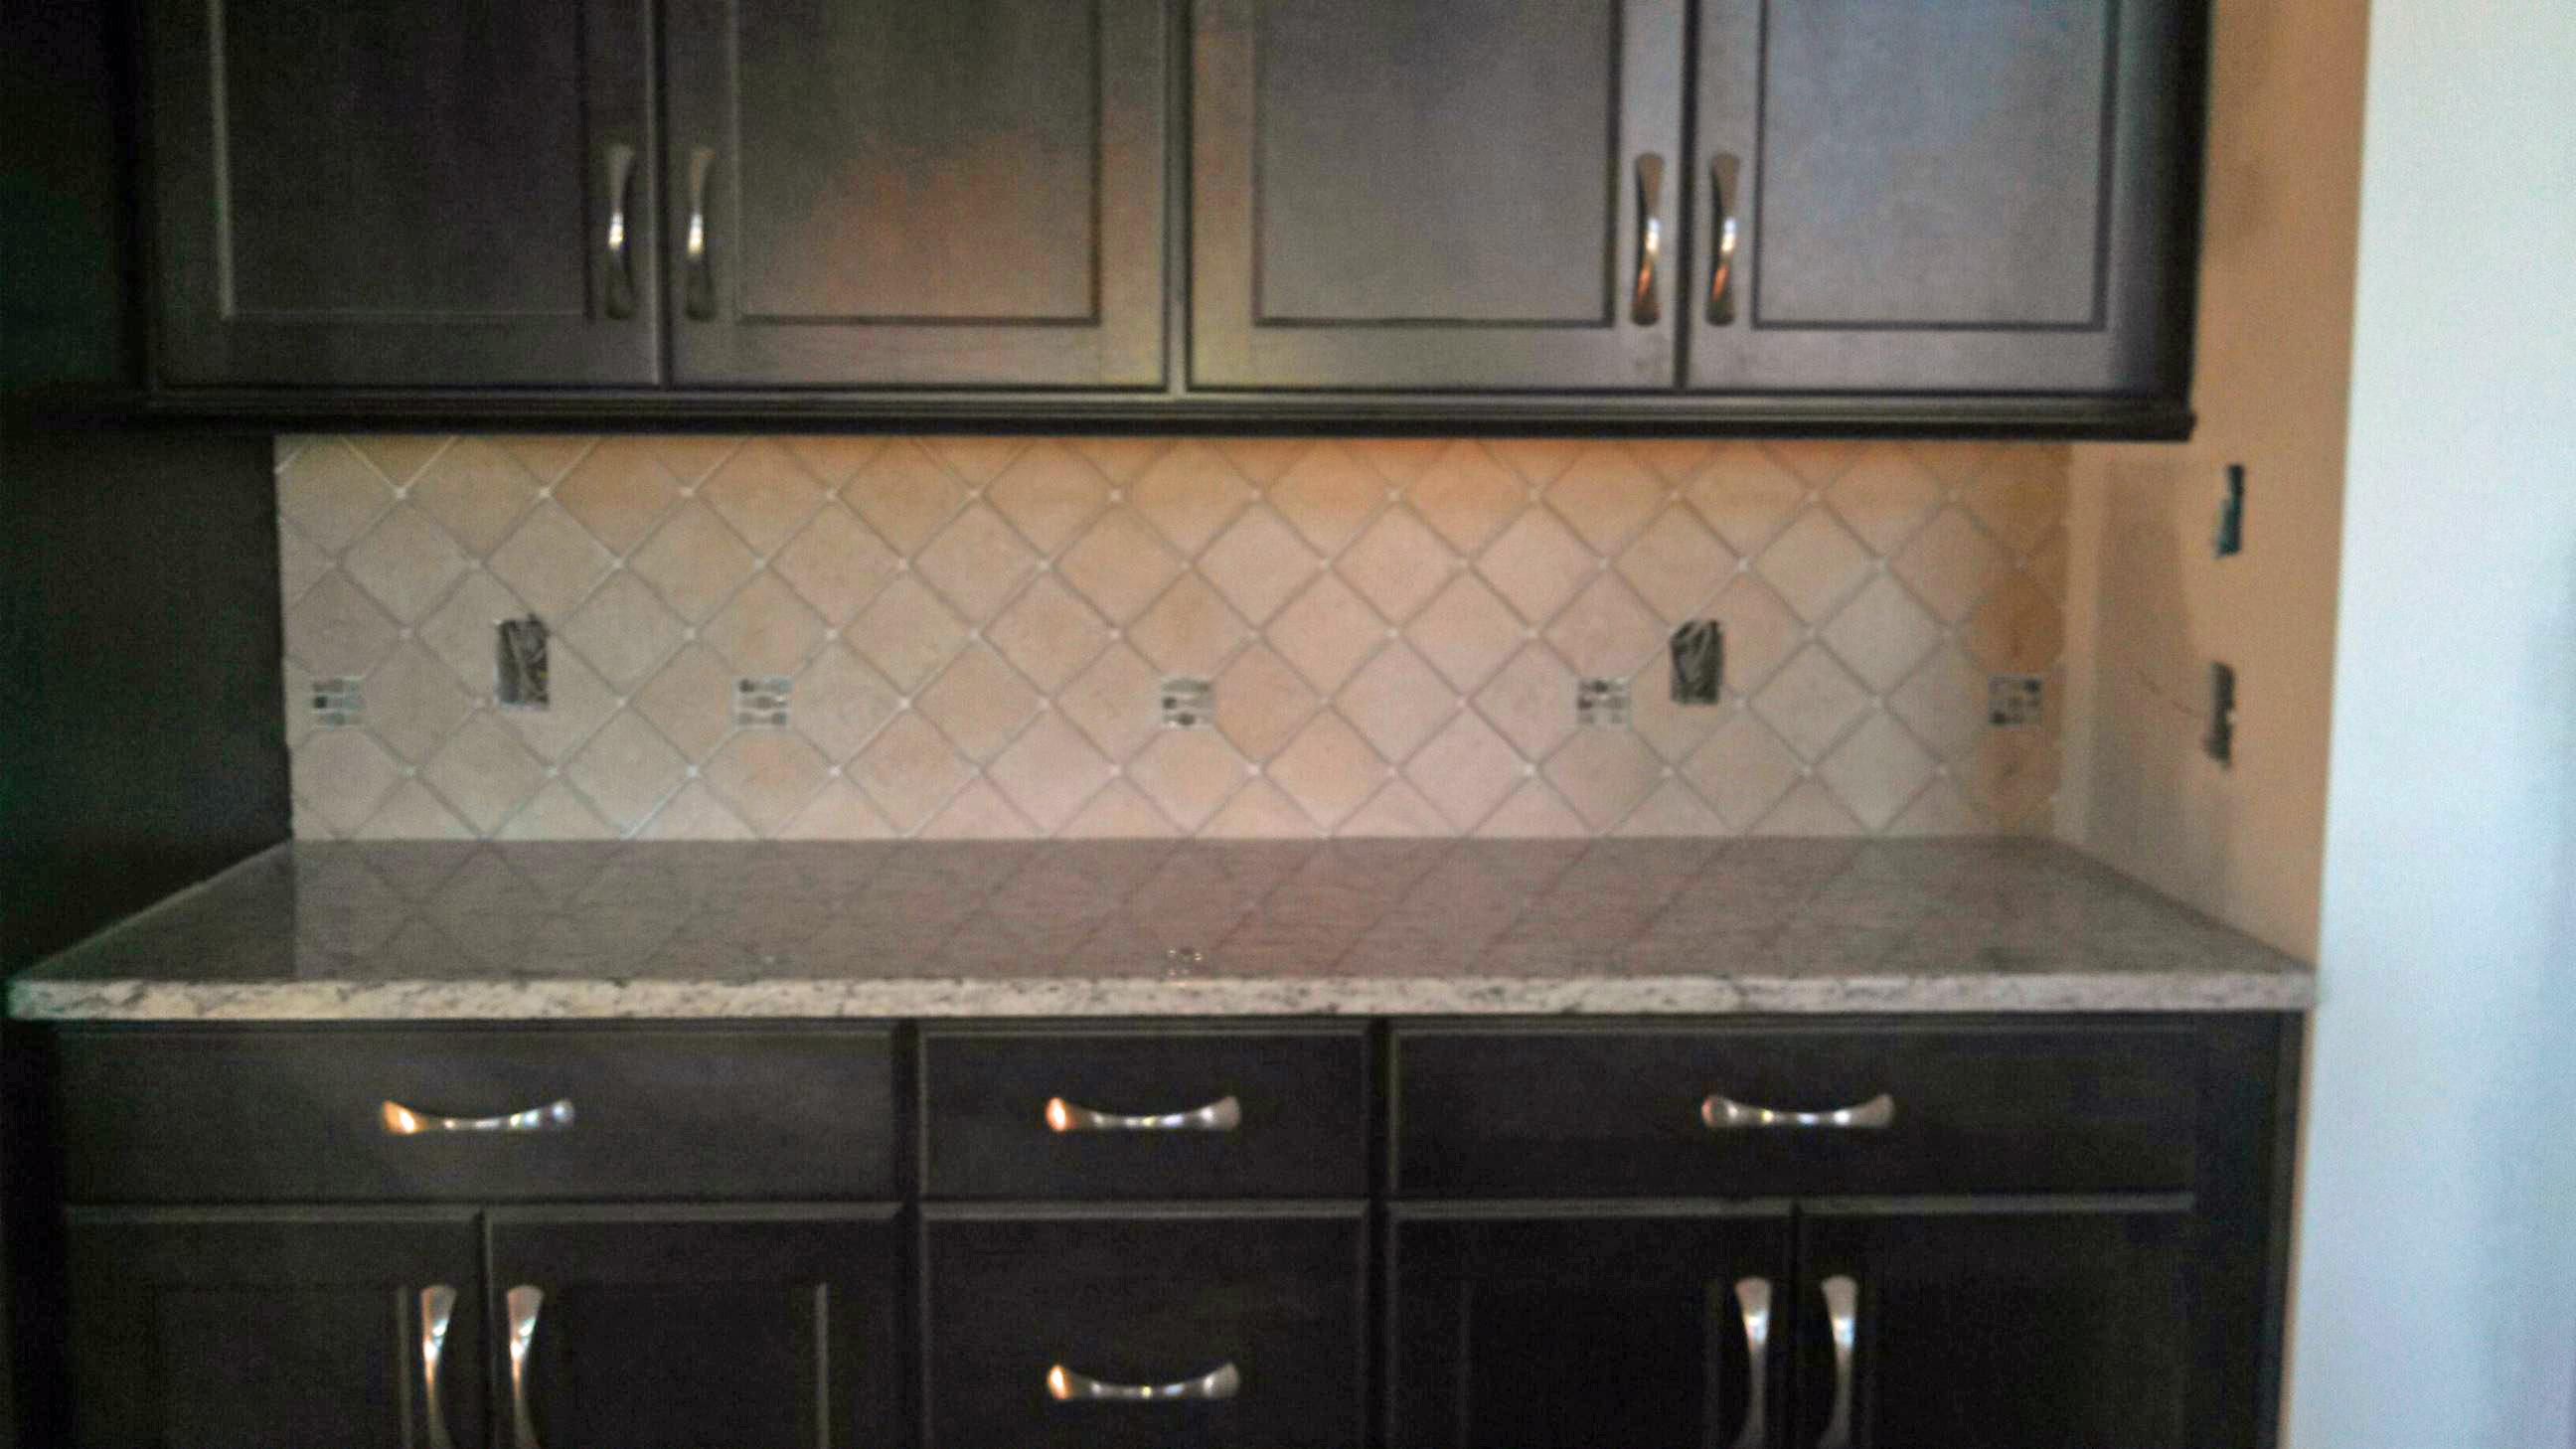 Tile backsplash dark cabinets   Grace Construction, Inc. on Backsplash Ideas For Dark Cabinets  id=81863